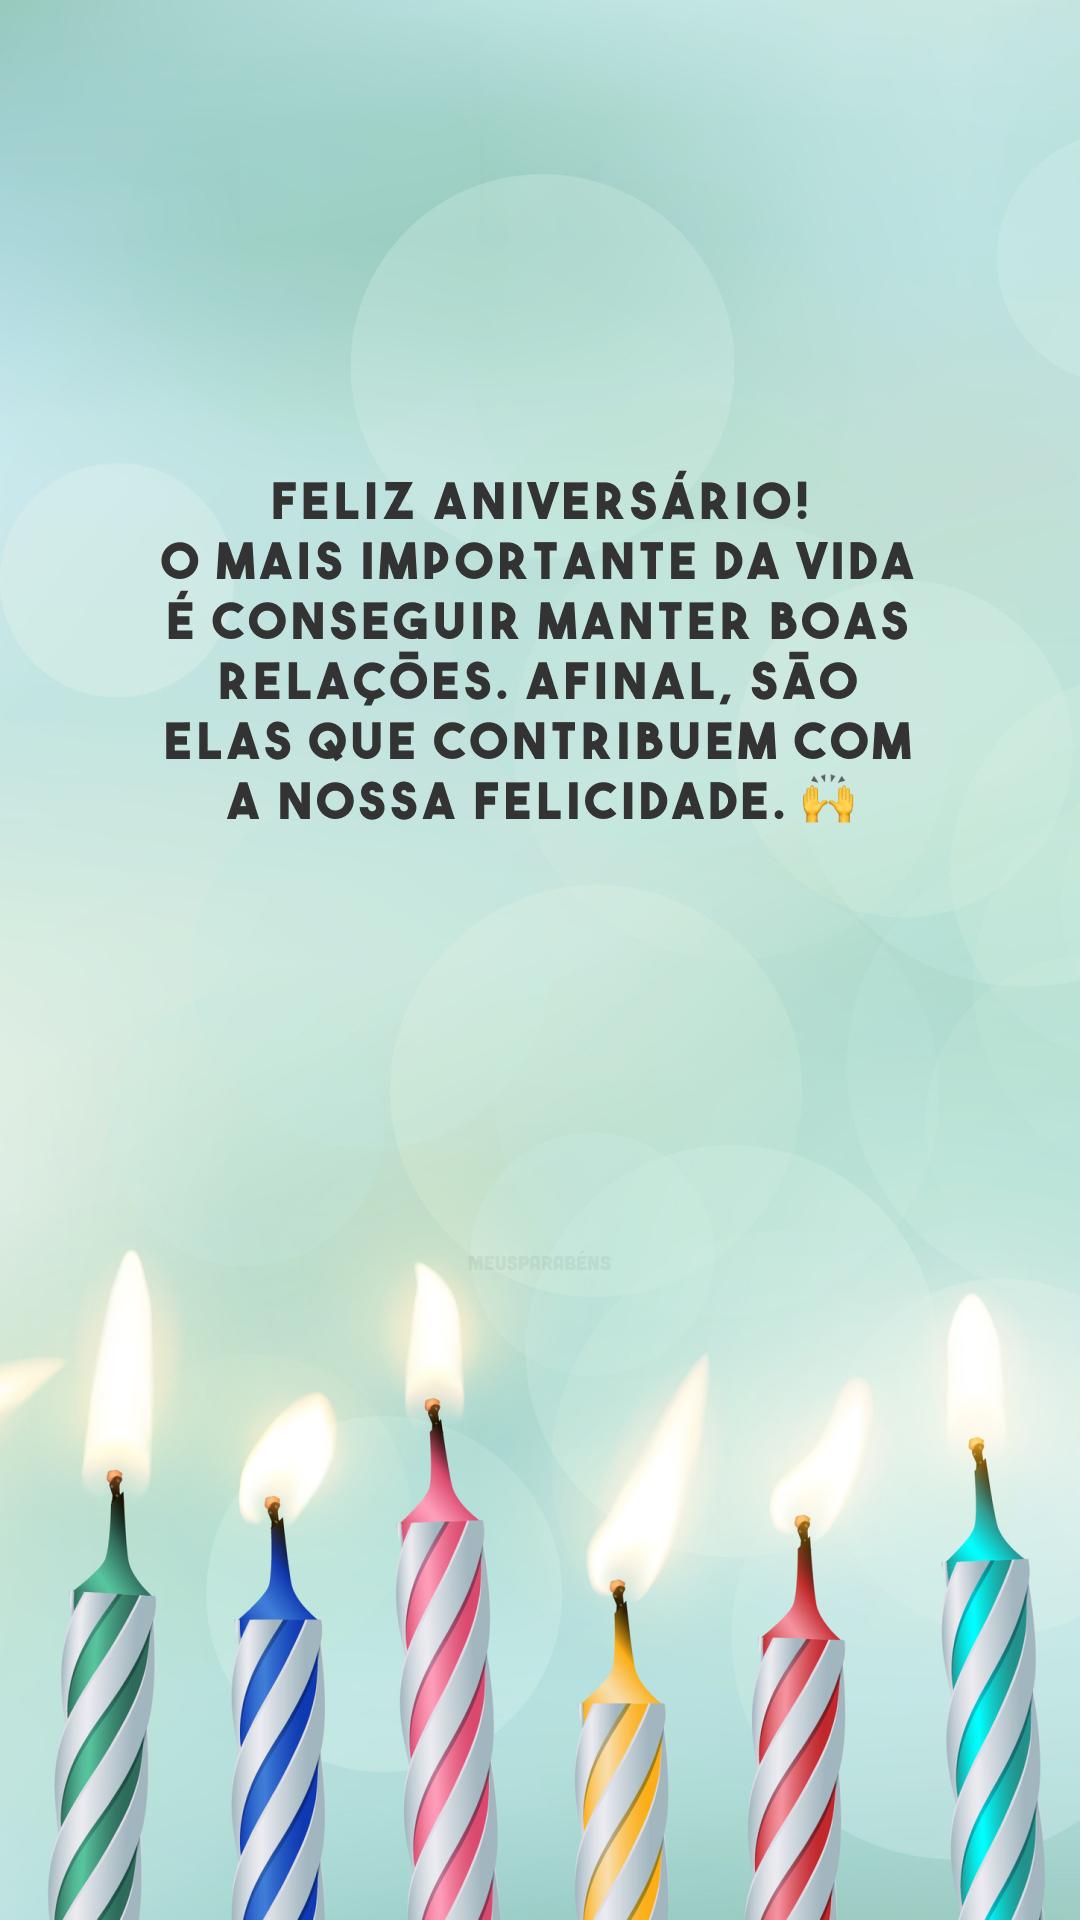 Feliz aniversário! O mais importante da vida é conseguir manter boas relações. Afinal, são elas que contribuem com a nossa felicidade. 🙌